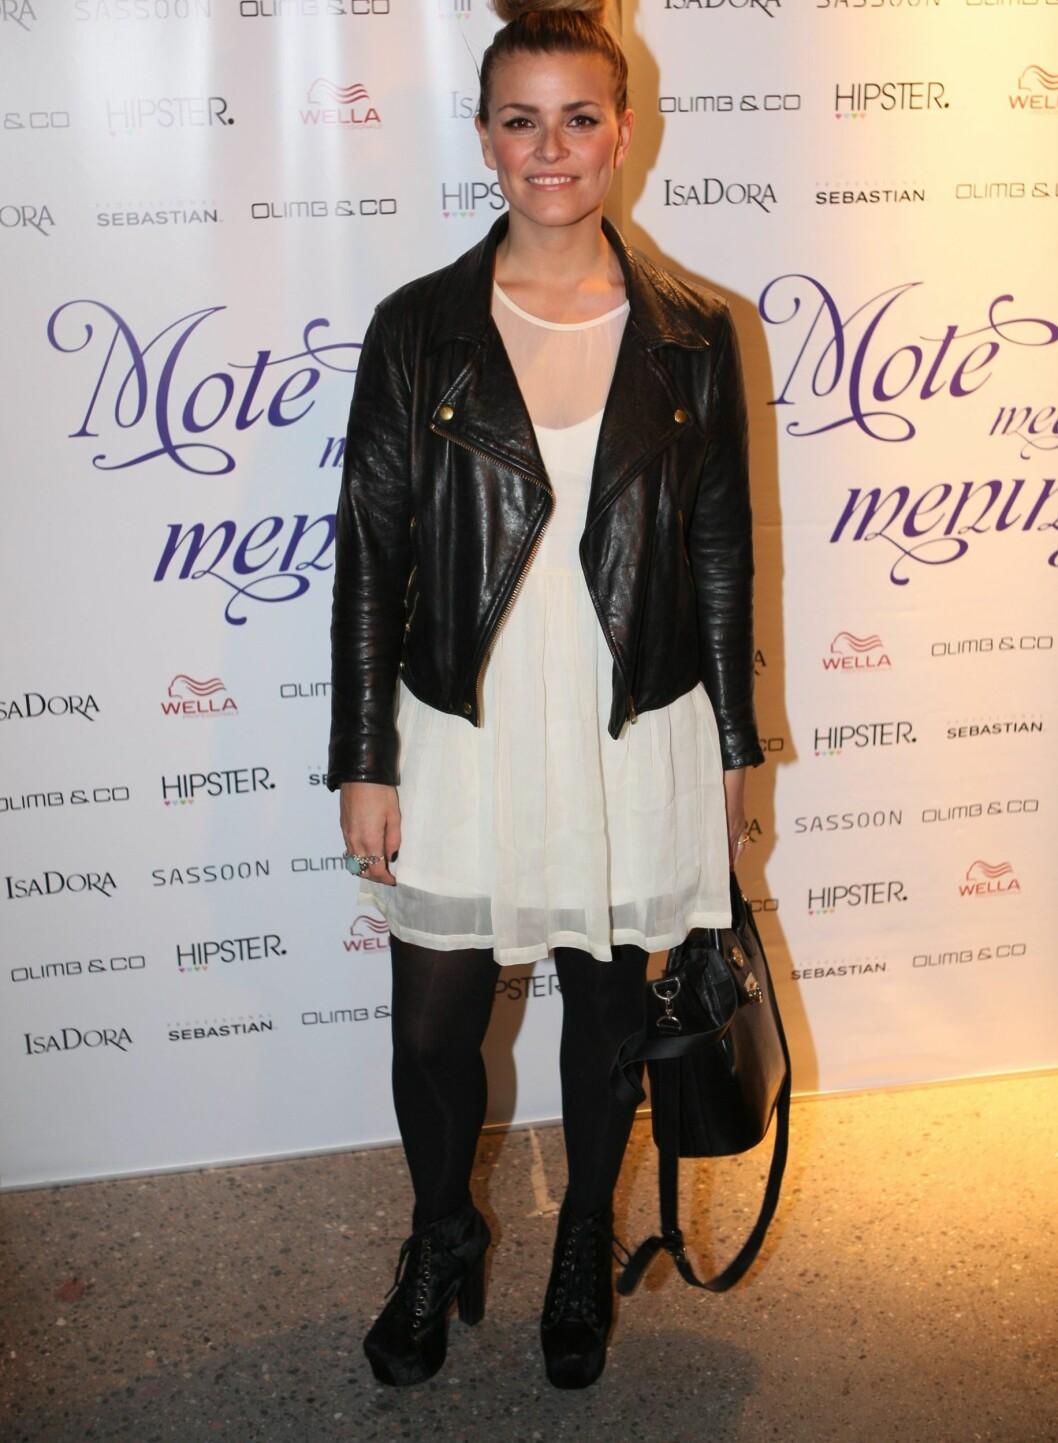 Moteblogger Janka Johansson Polliani kom i kjole fra New, jakke fra Acne, sko fra Geoffrey Beene og en vintage Balmain-veske.  Foto: Per Ervland